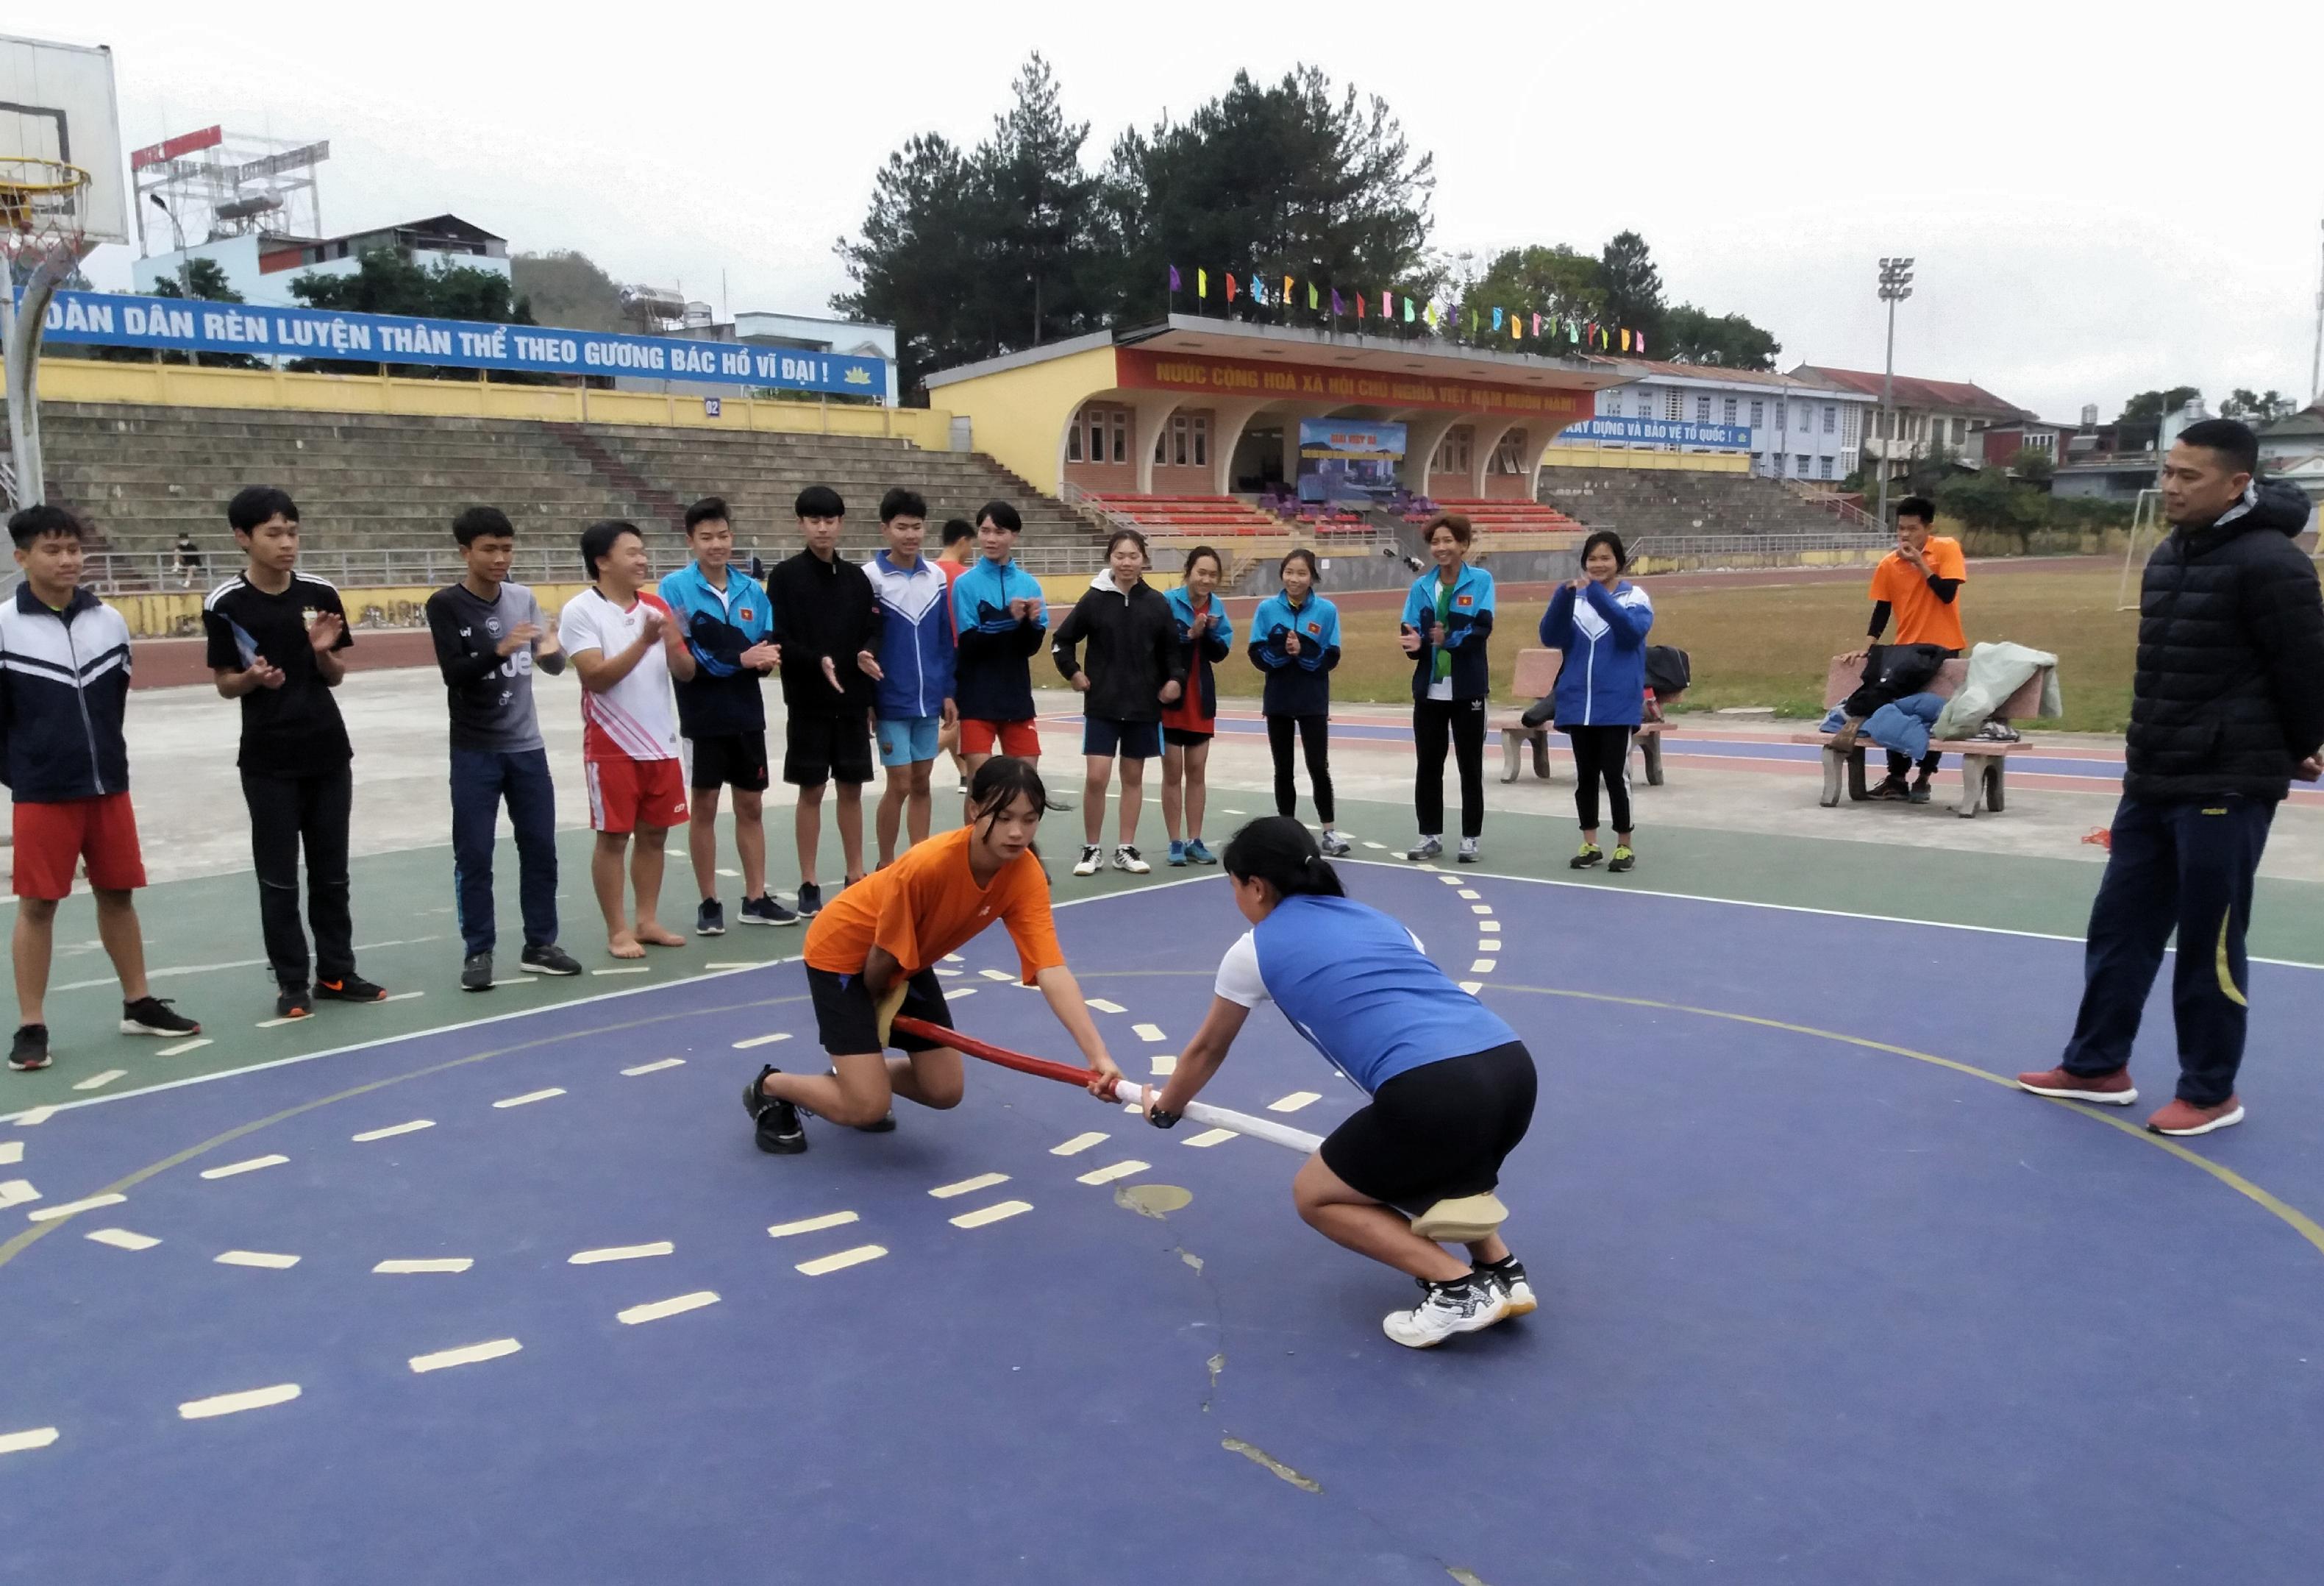 Sùng Thị Chi (bên trái) rèn chiến thuật cùng các vận động viên năng khiếu